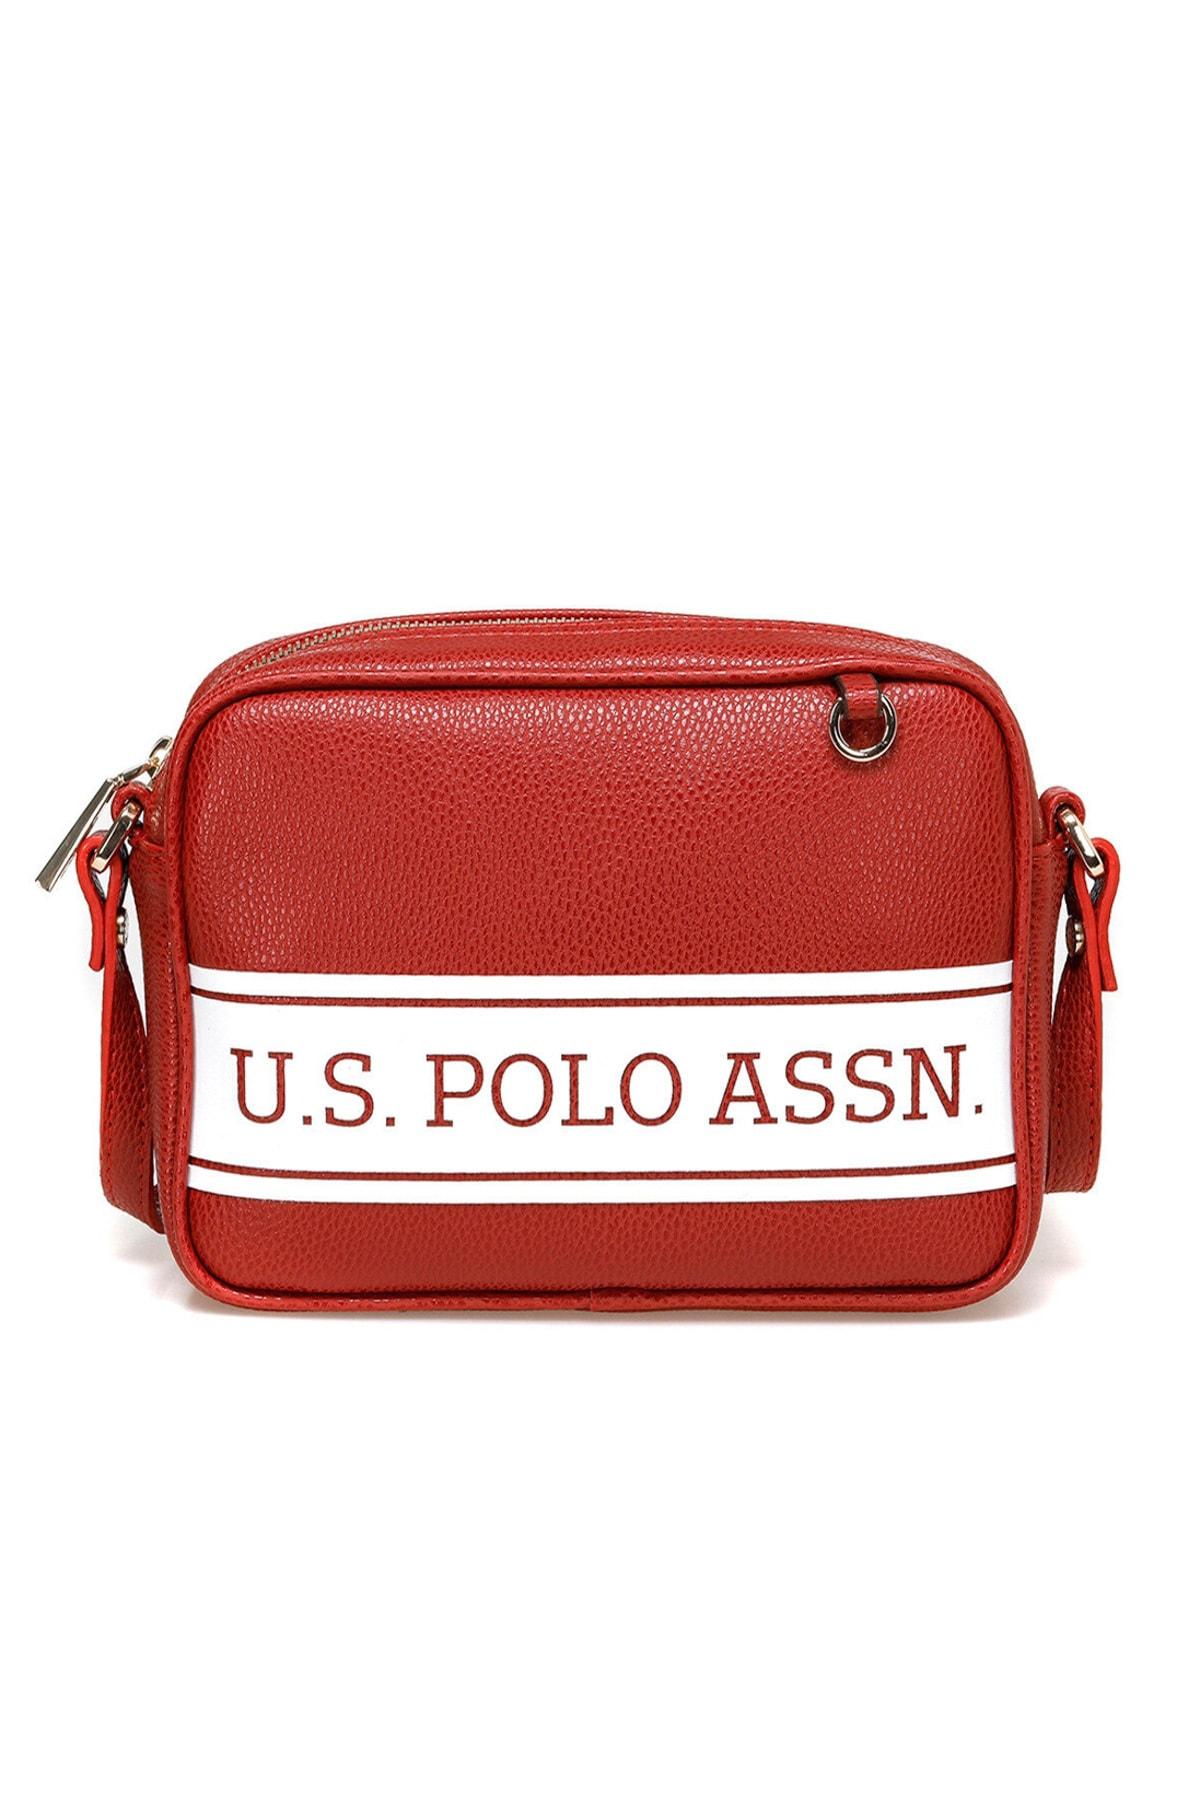 U.S. Polo Assn. Kırmızı Kadın Omuz Çantası US20266 1